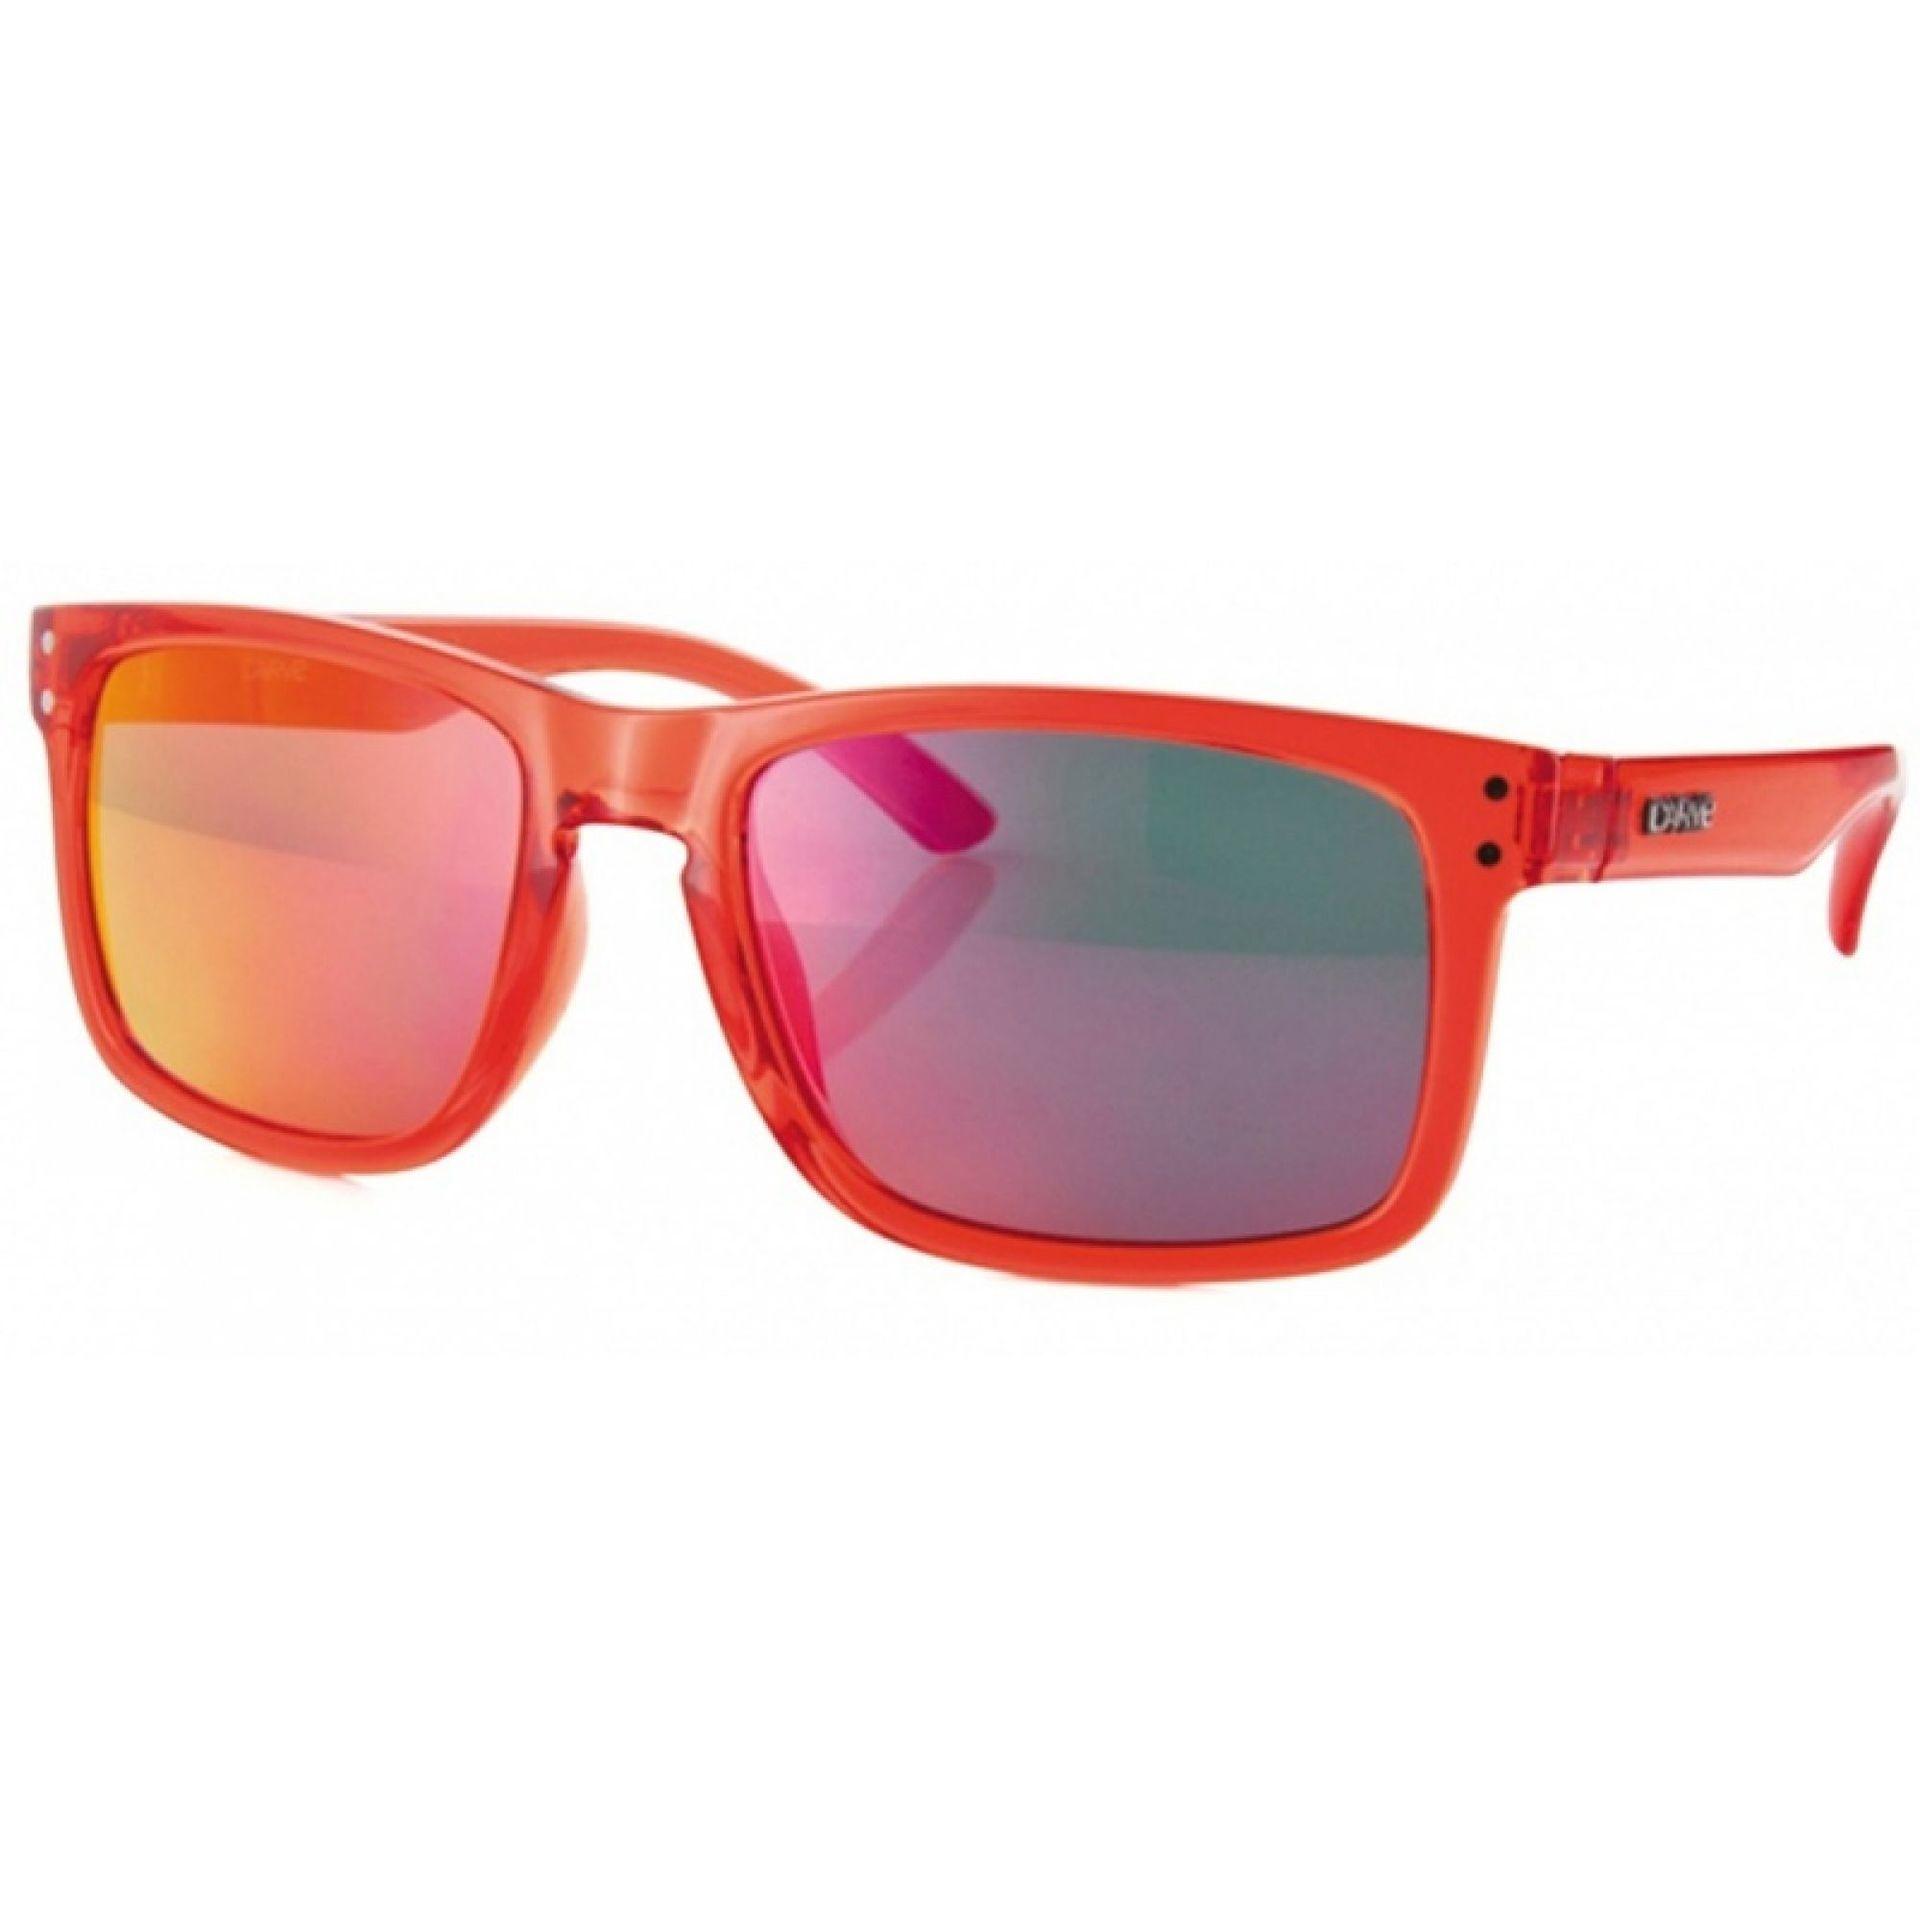 Okulary Carve Goblin czerwone